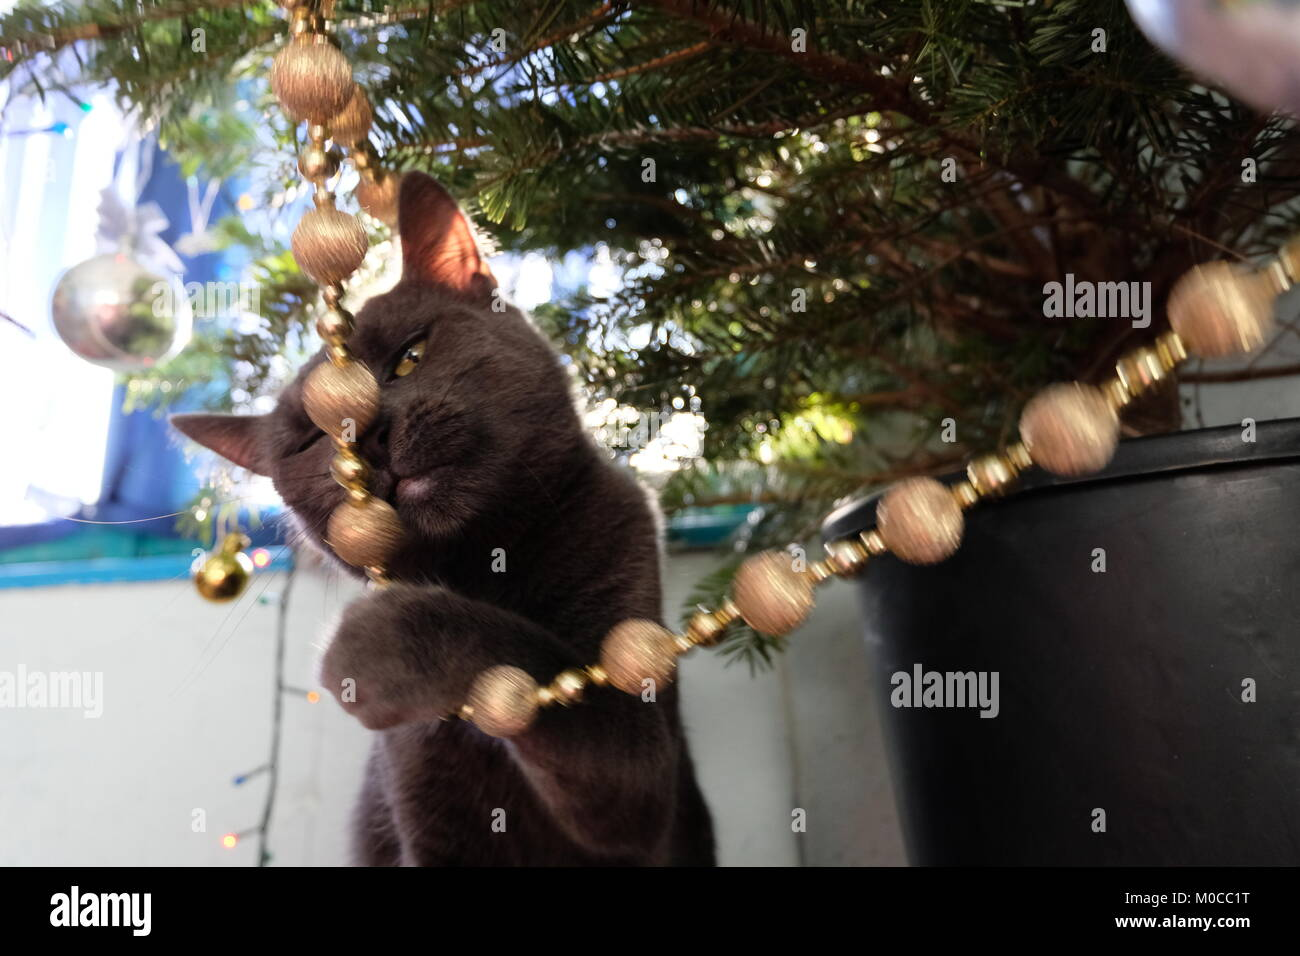 Russisch Blau Katze Suchen Naughty In Der Nahe Von Christbaumschmuck